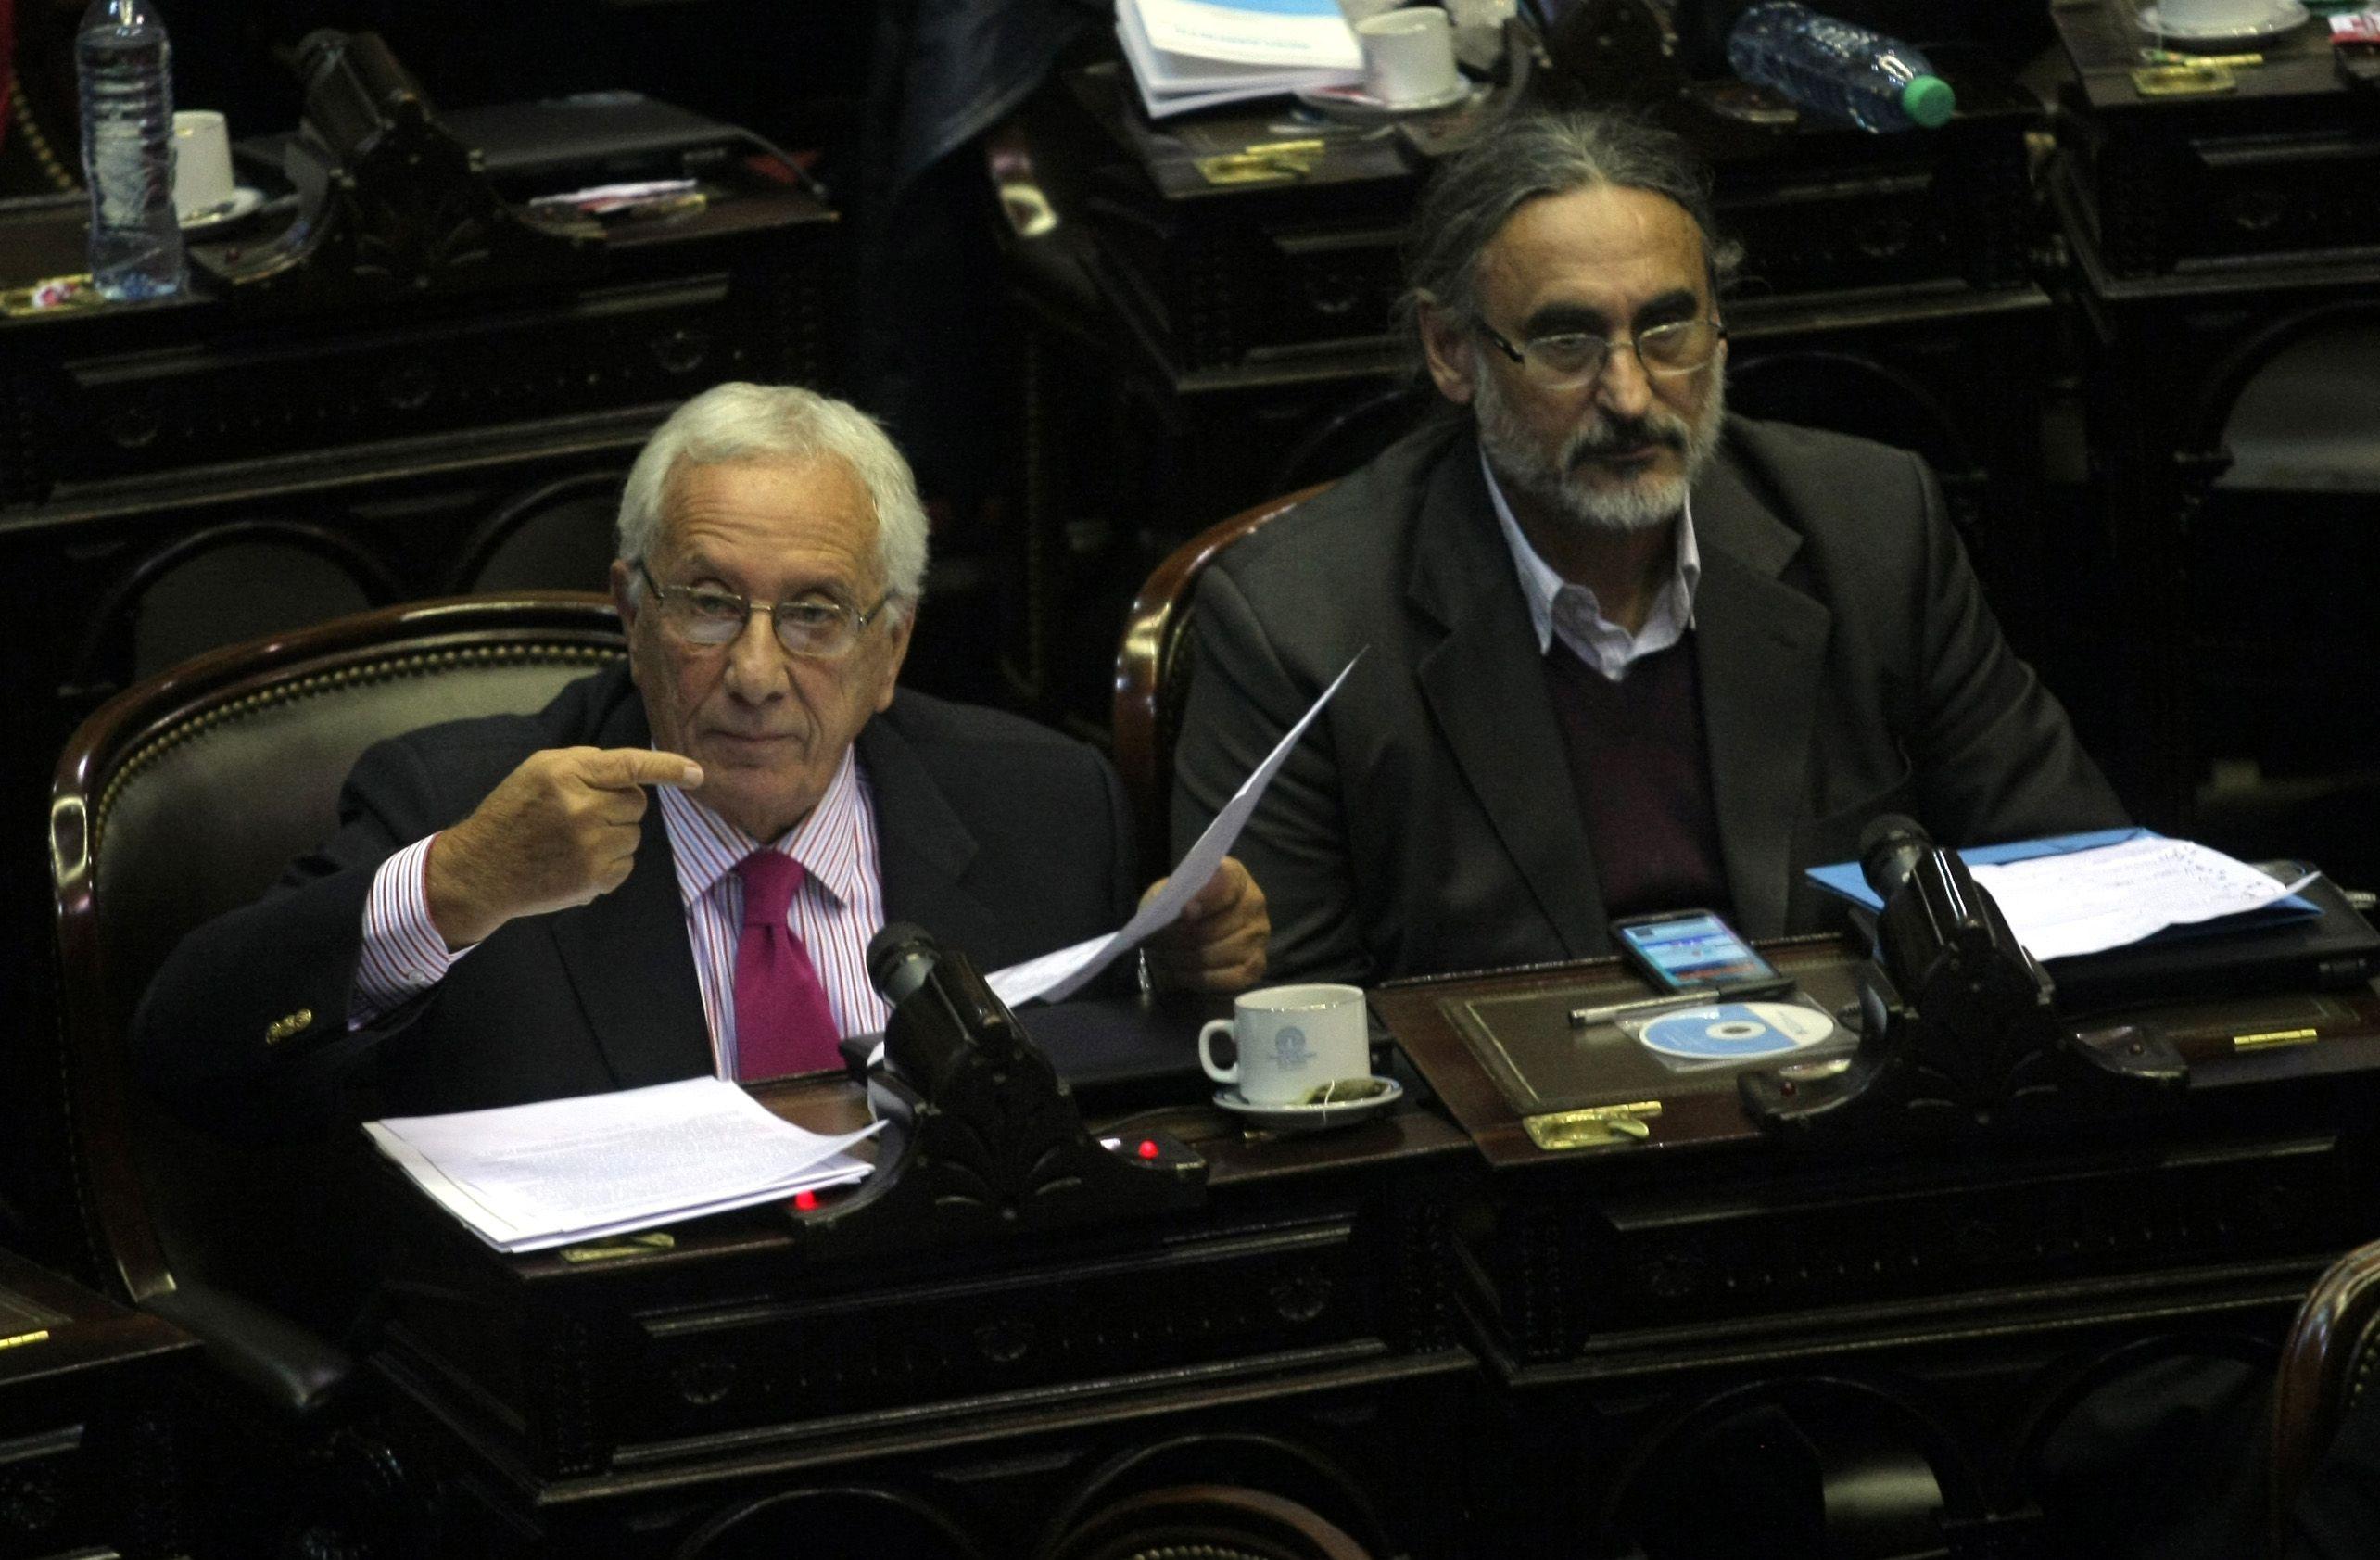 Muchos gritos, interrupciones y chicanas dominaron la primera presentación de Peña en Diputados